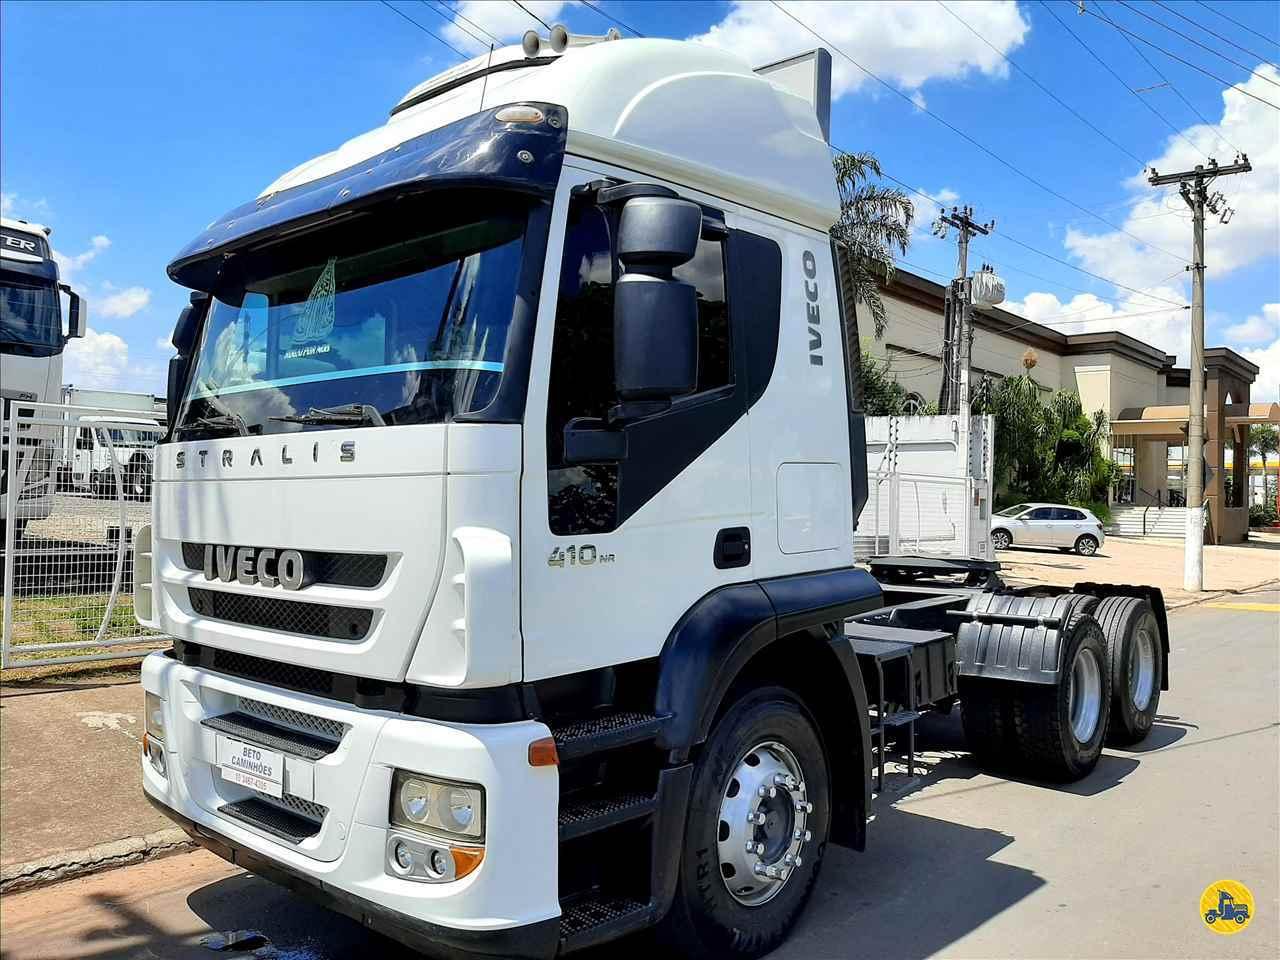 CAMINHAO IVECO STRALIS 410 Cavalo Mecânico Truck 6x2 Beto Caminhões Piracicaba AMERICANA SÃO PAULO SP